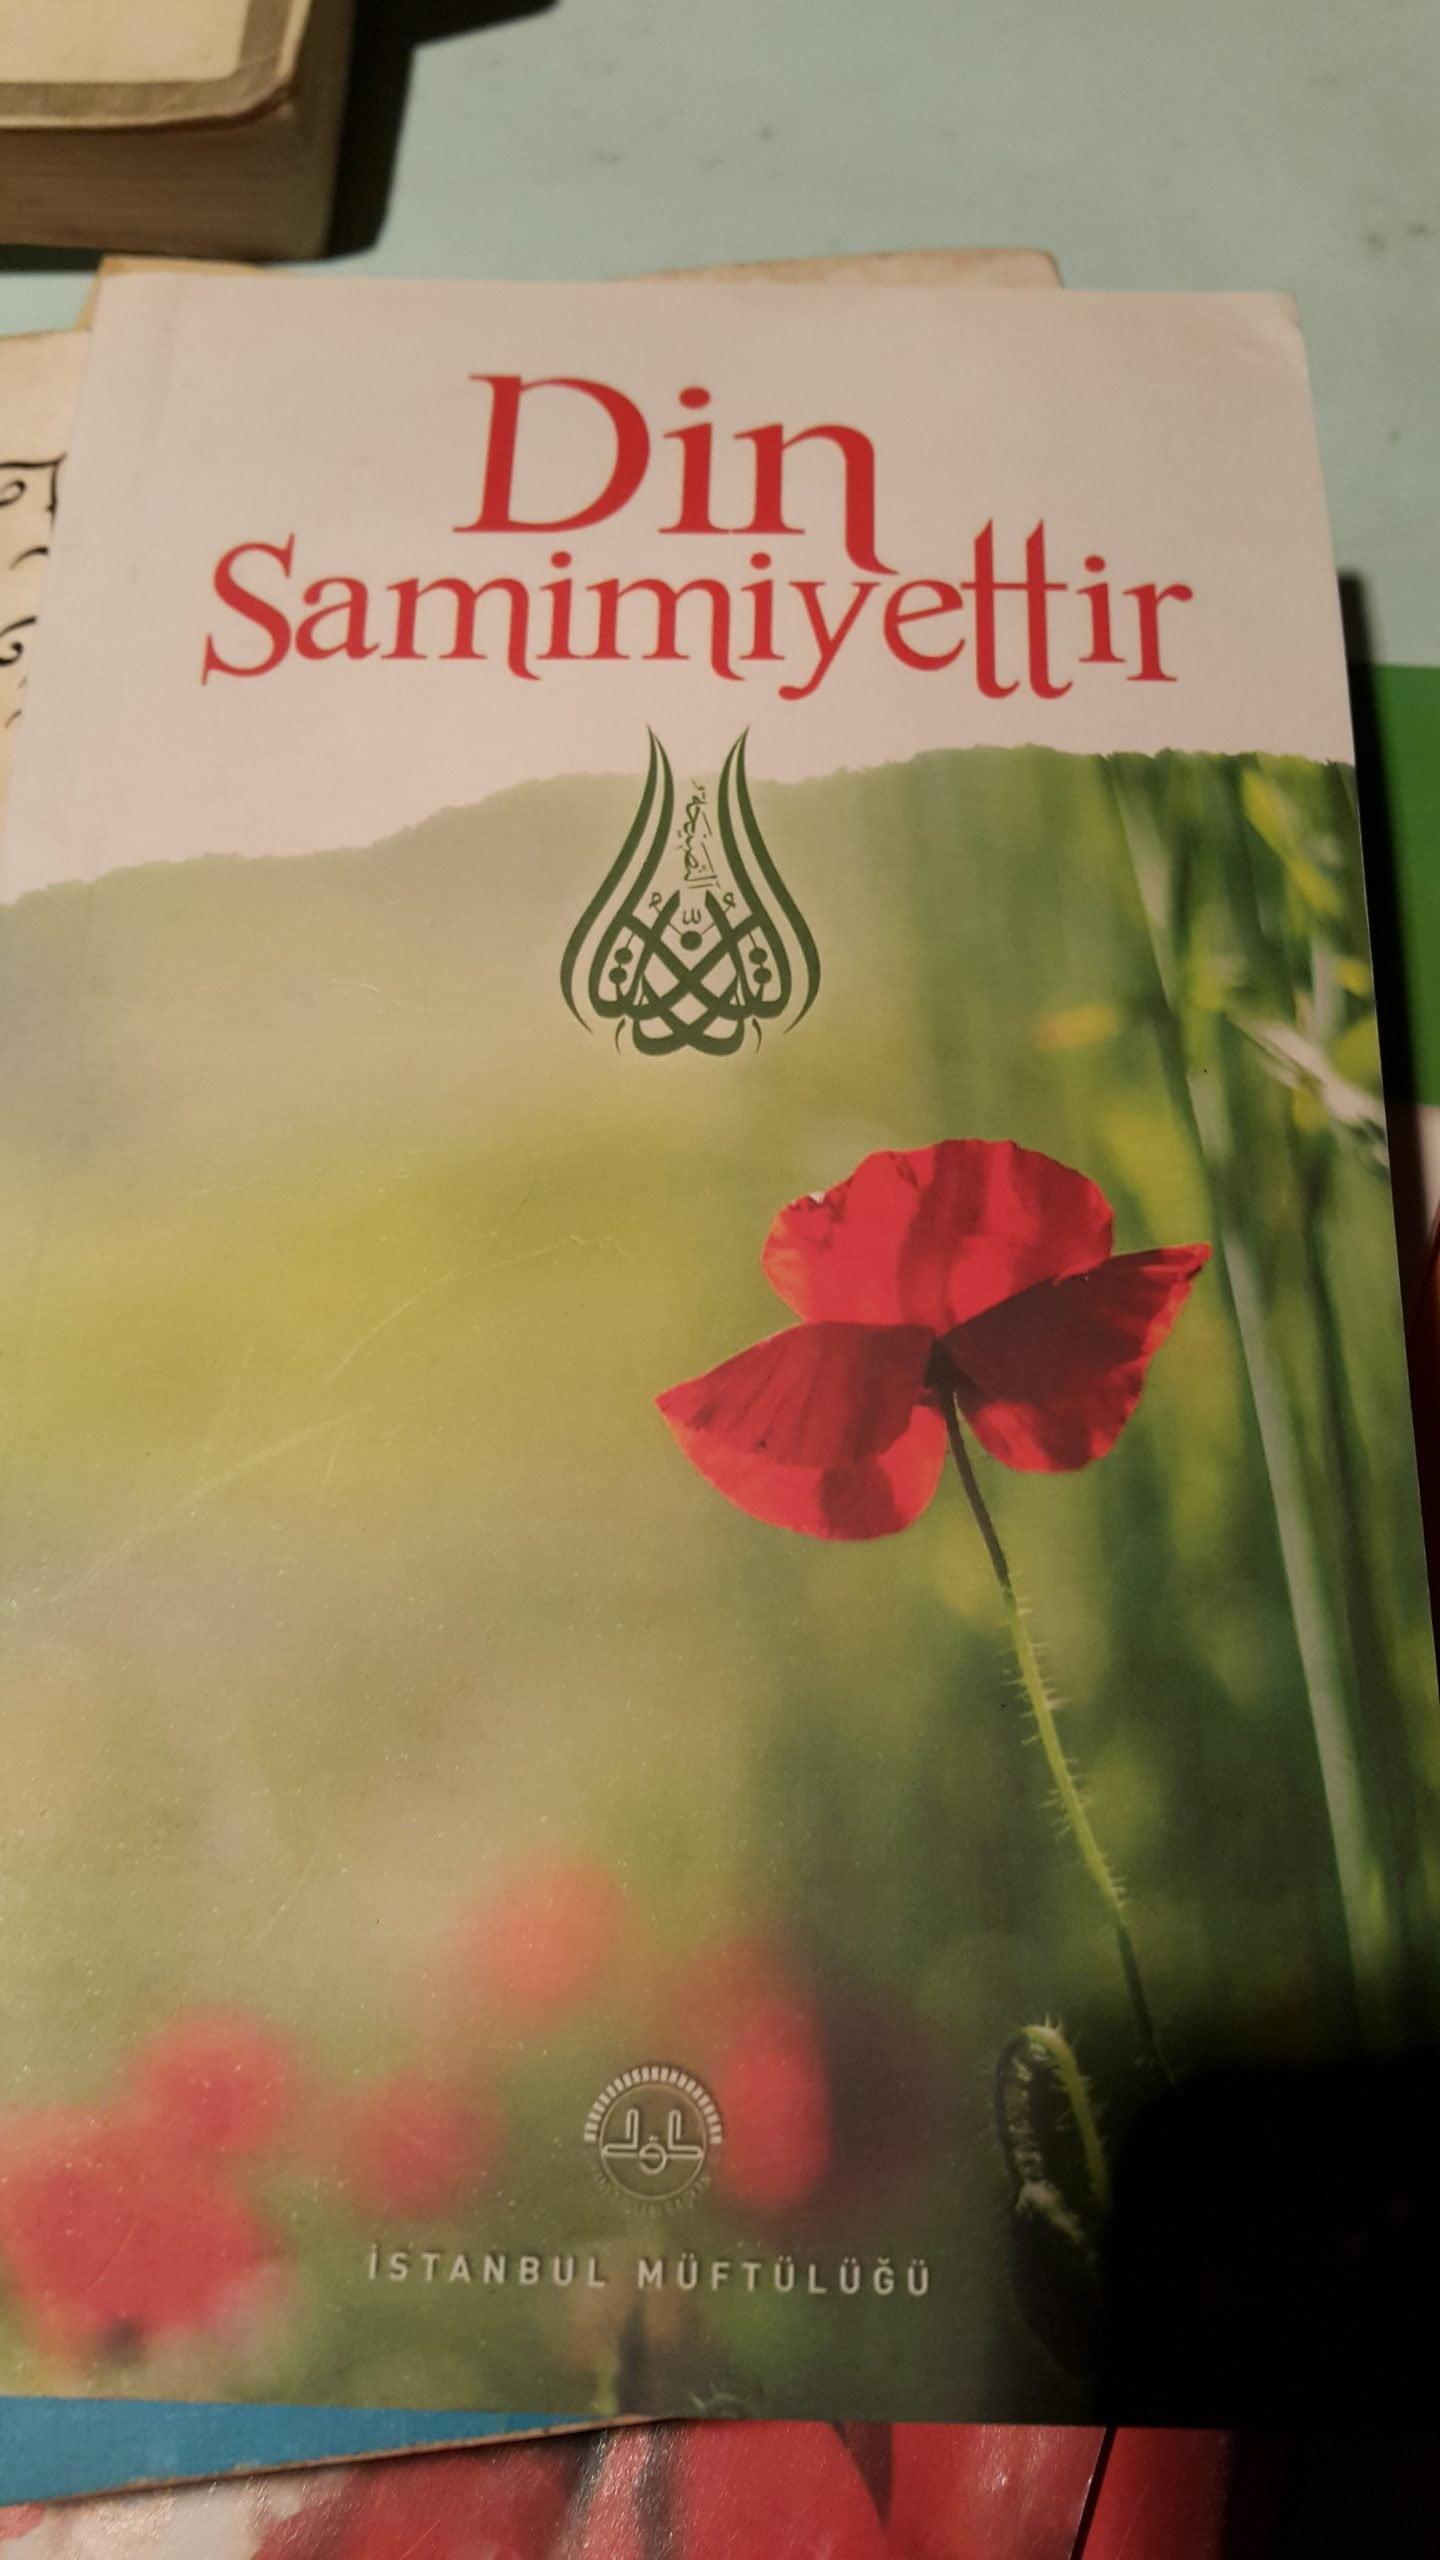 DİN SAMİMİYETTİR/İSTANBUL MÜFTÜLÜĞÜ